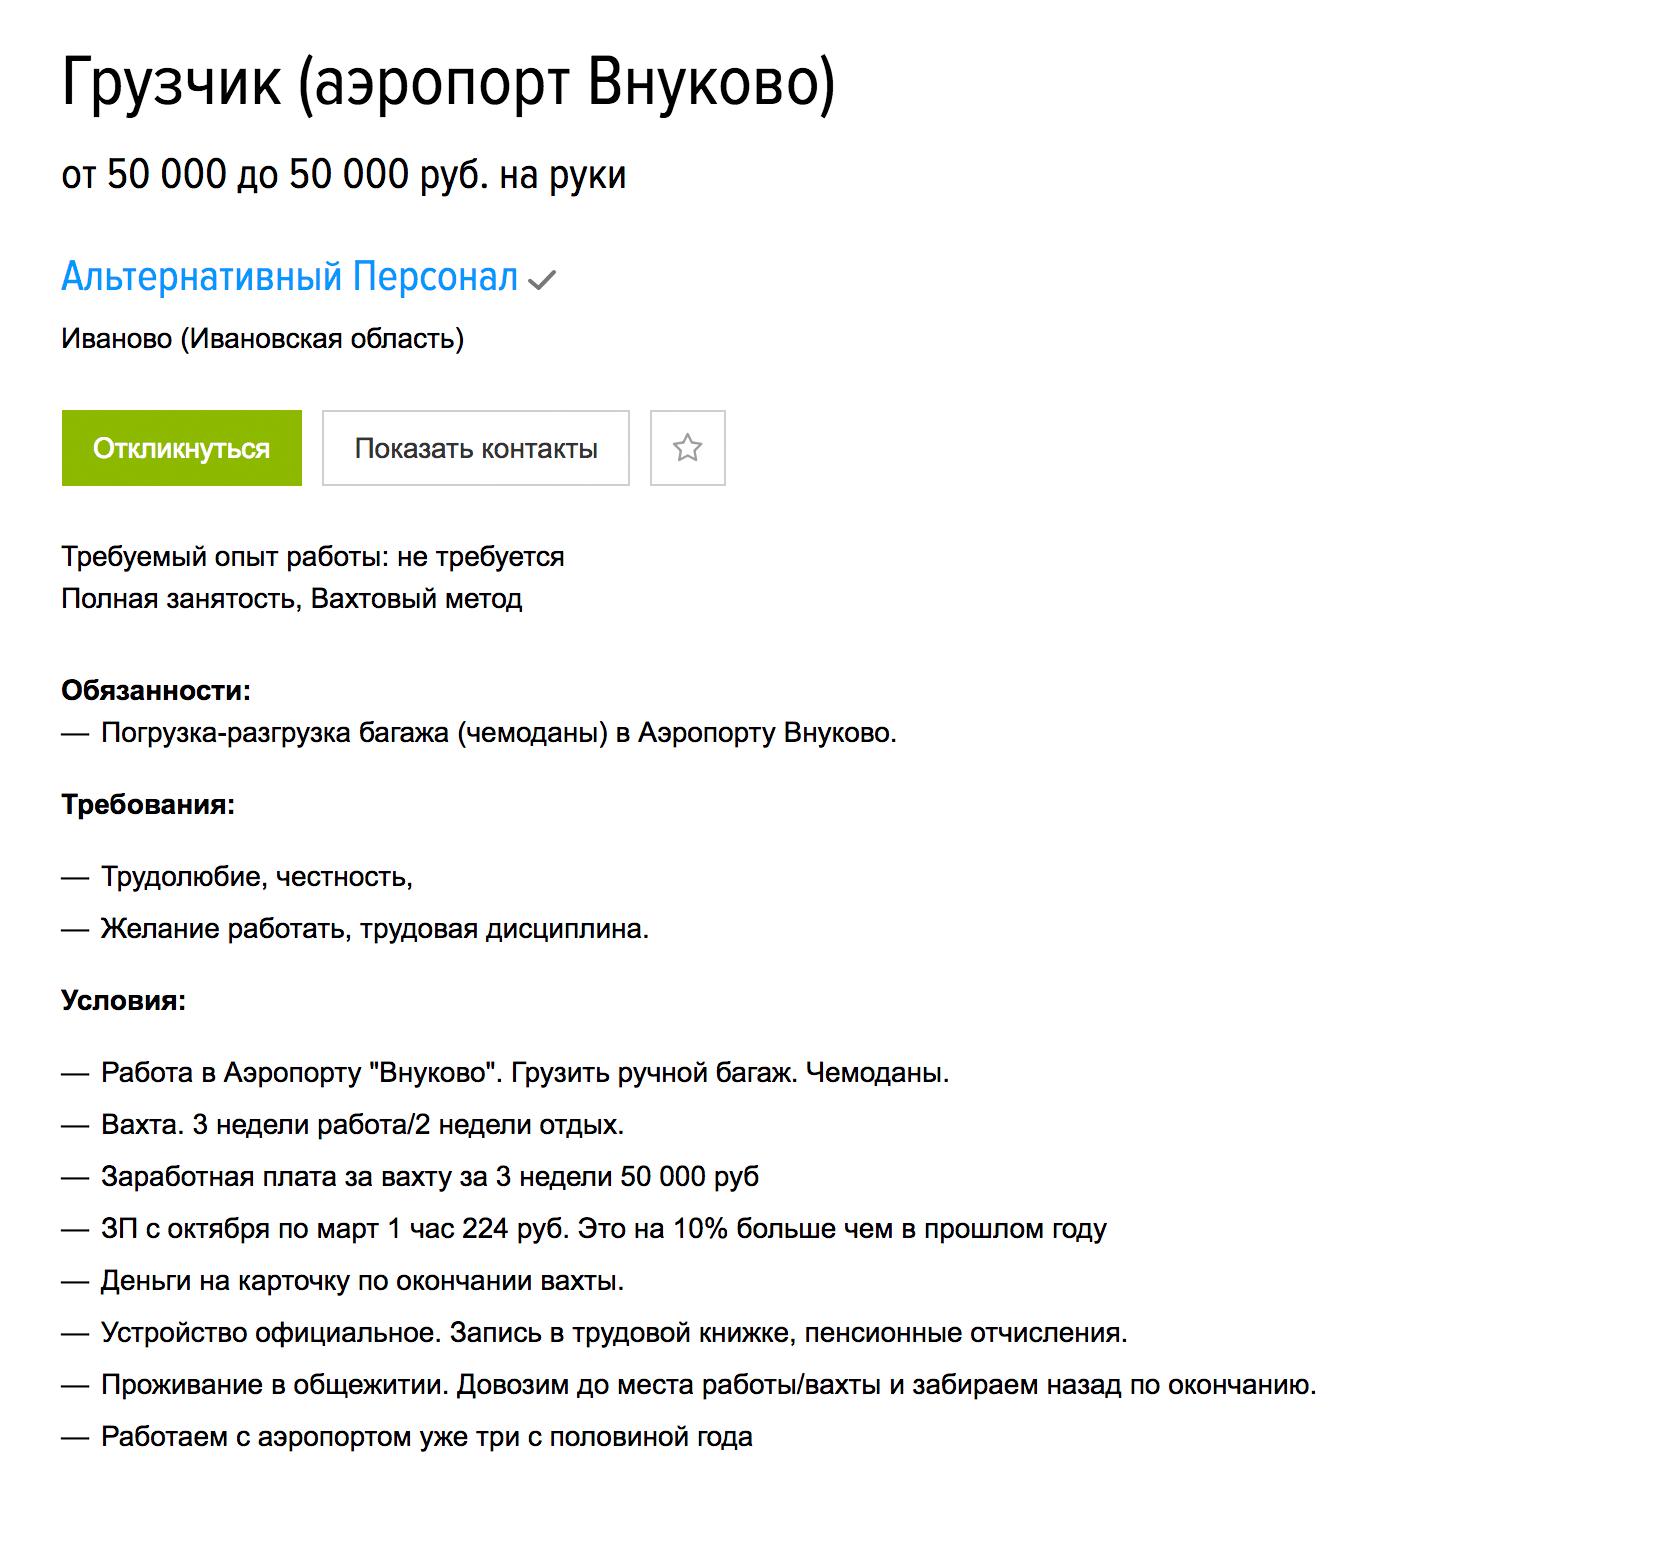 Грузчик в аэропорту Внуково может заработать за три недели 50 тысяч. Опыт работы не нужен. Вакансия на «Хедхантере»